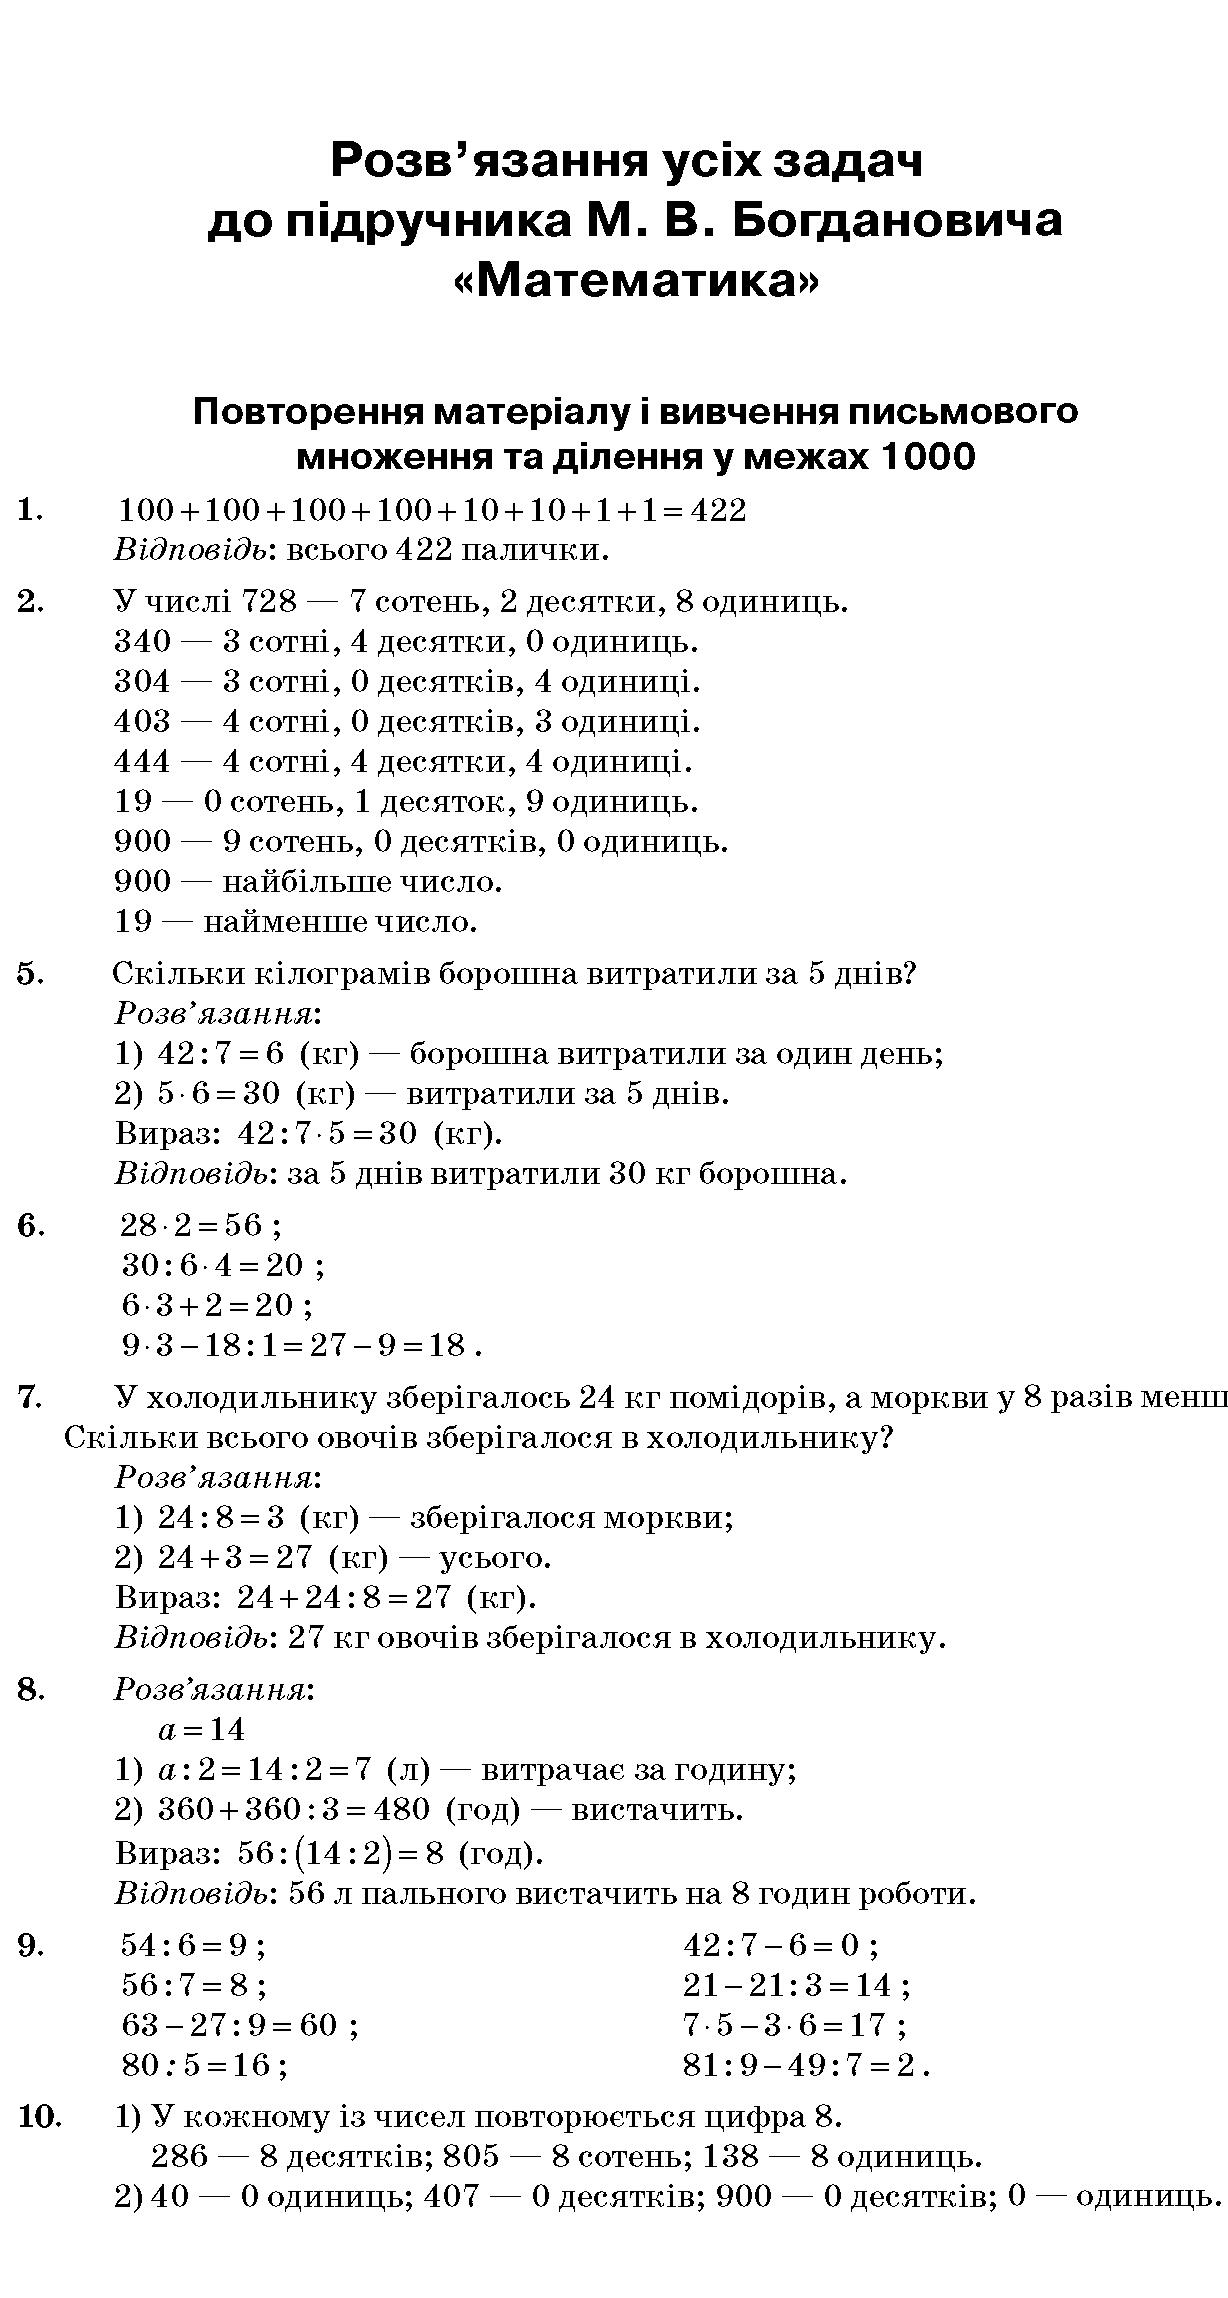 Скачать бесплатно гдз по математике учебник богдановича для 4 класса